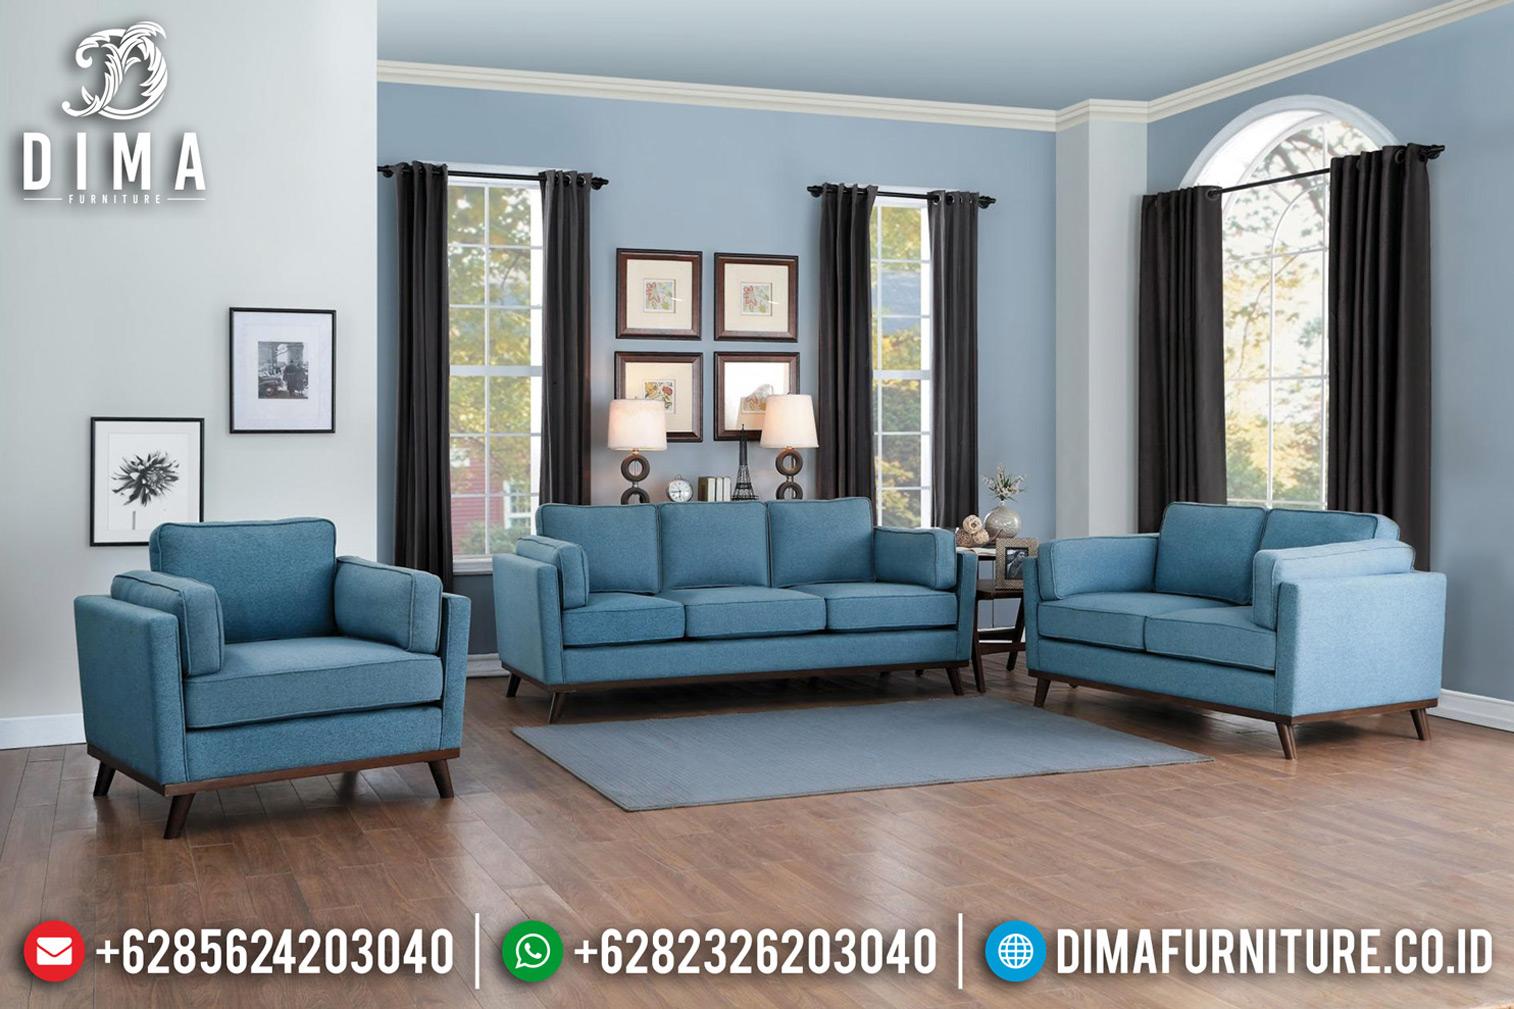 Desain Ruang Tamu Minimalis Sofa Tamu Modern Natural Jati Jepara BT-0623